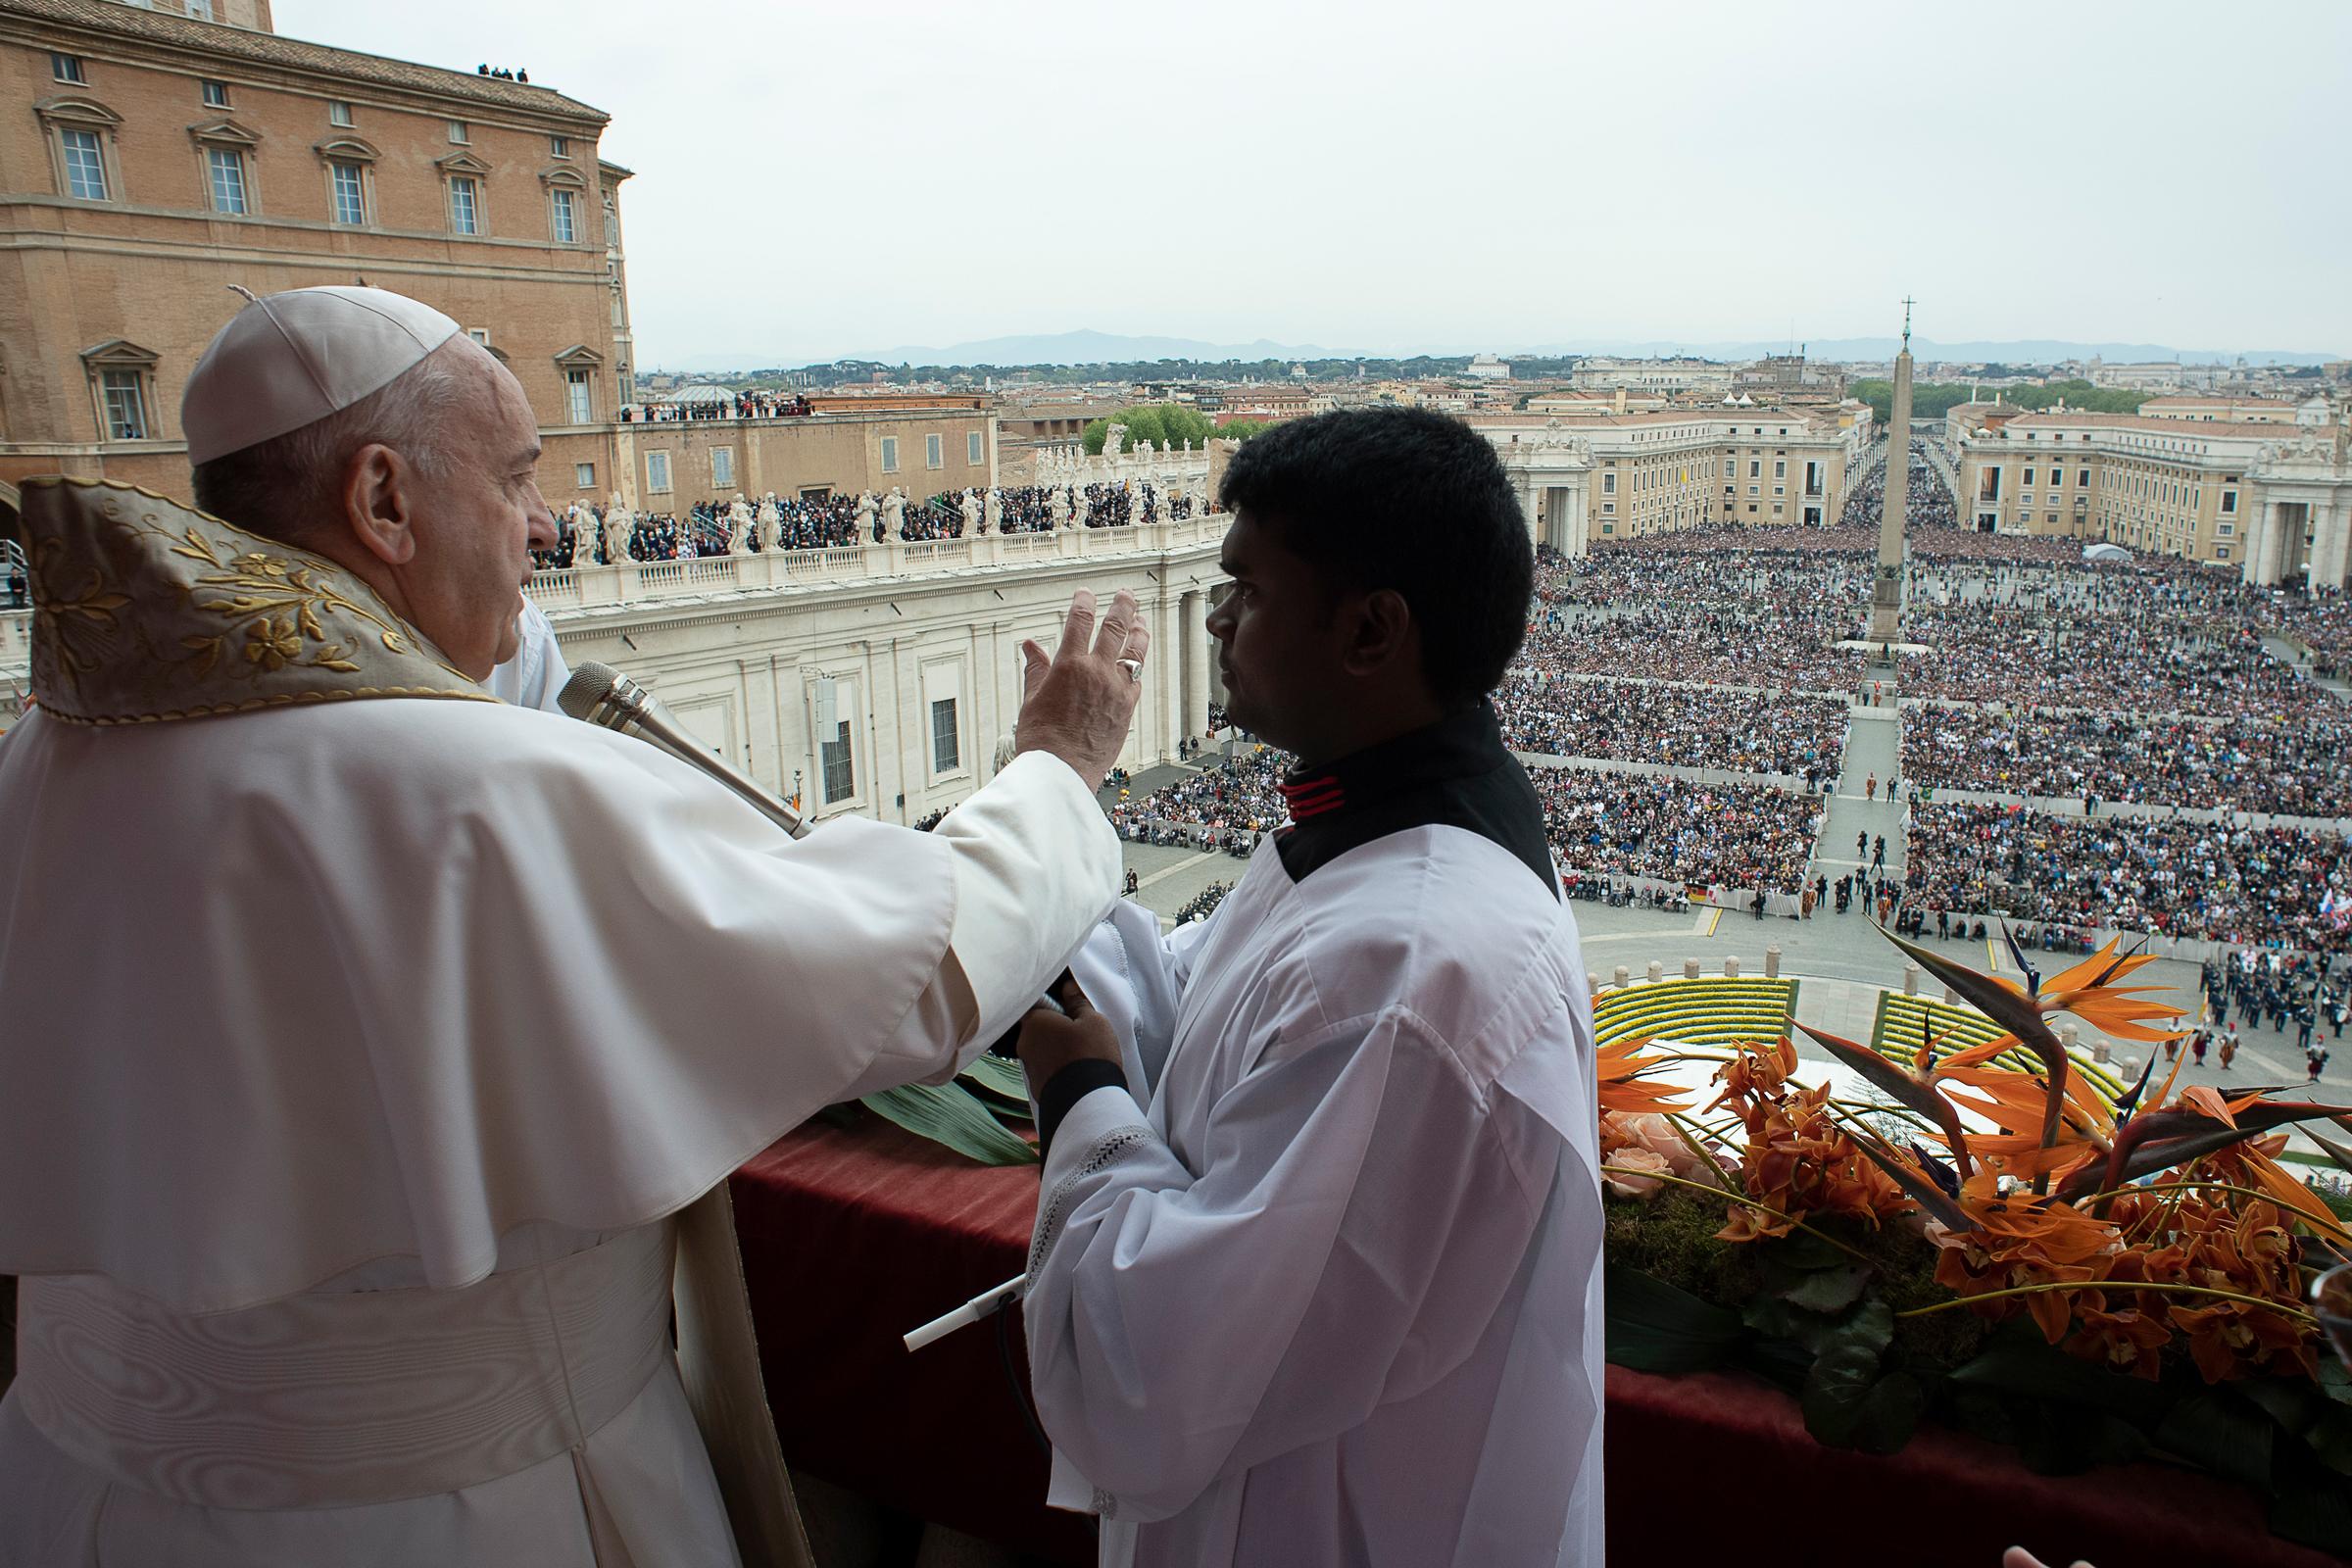 Bendición de Pascua 'Urbi et Orbi', 21 abril 2019 © Vatican Media